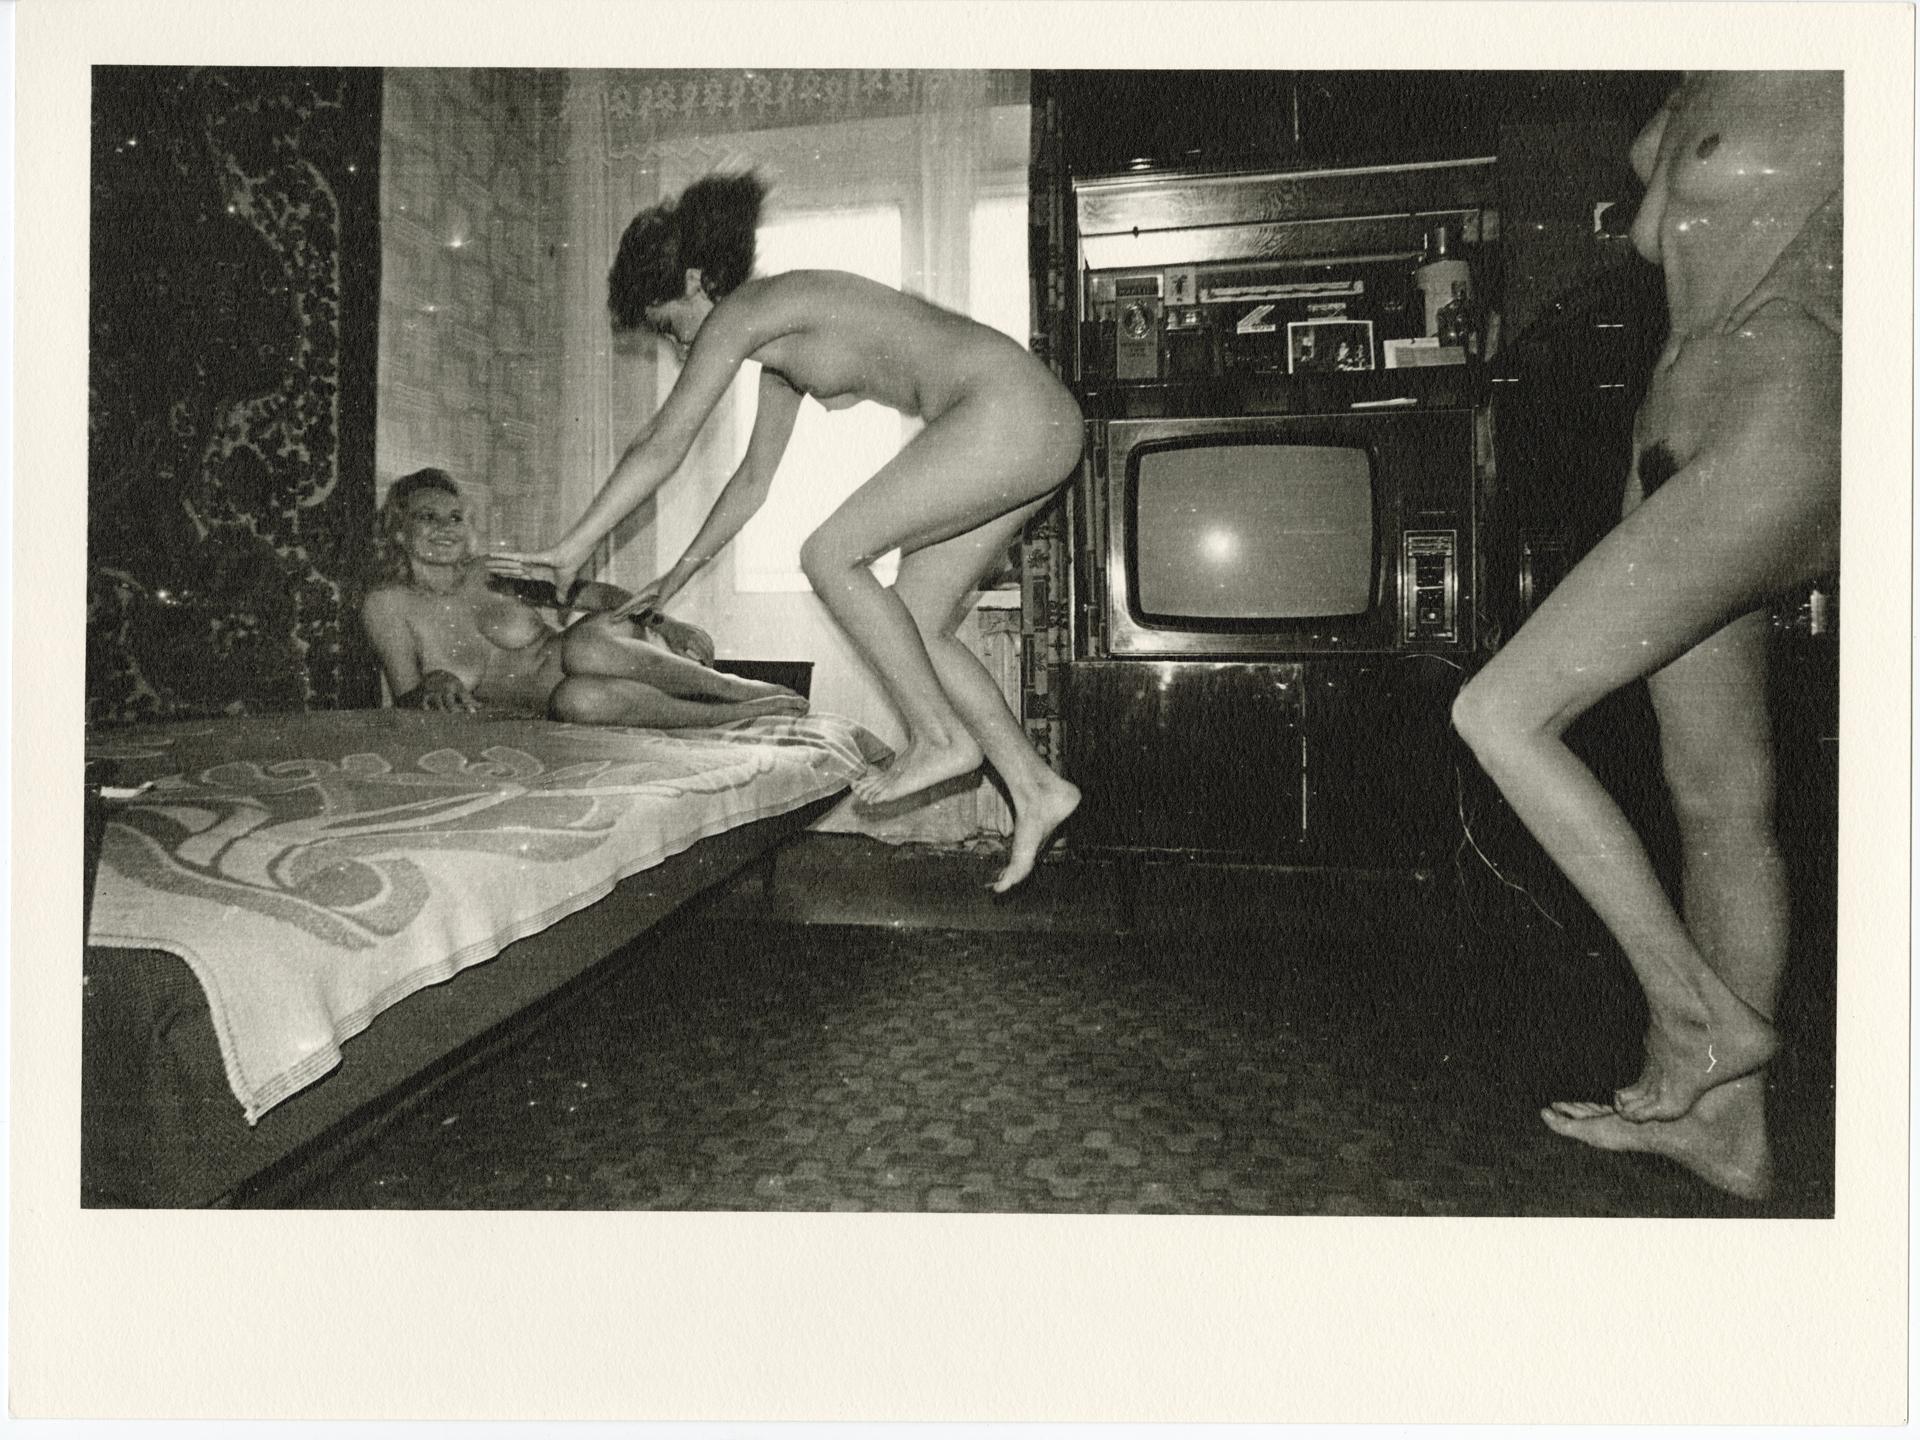 """Роман Пятковка, """"Відьмацький шабаш"""", 1988, срібно-желатиновий друк."""